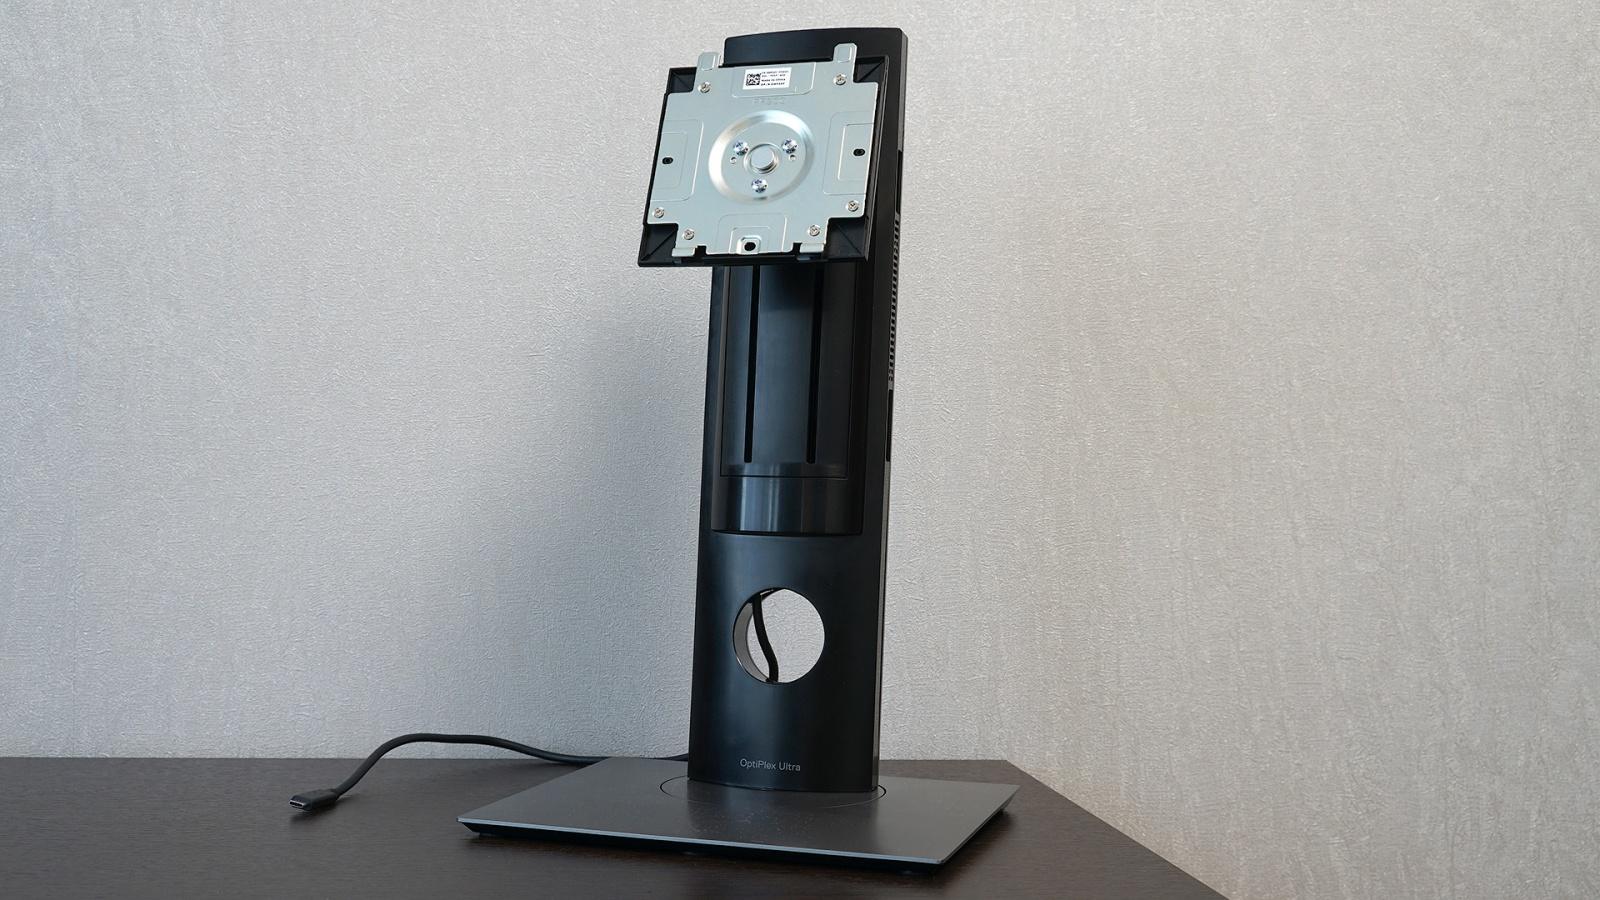 Dell OptiPlex 7070 Ultra: модульный компьютер, который превращает в моноблок любой монитор - 10